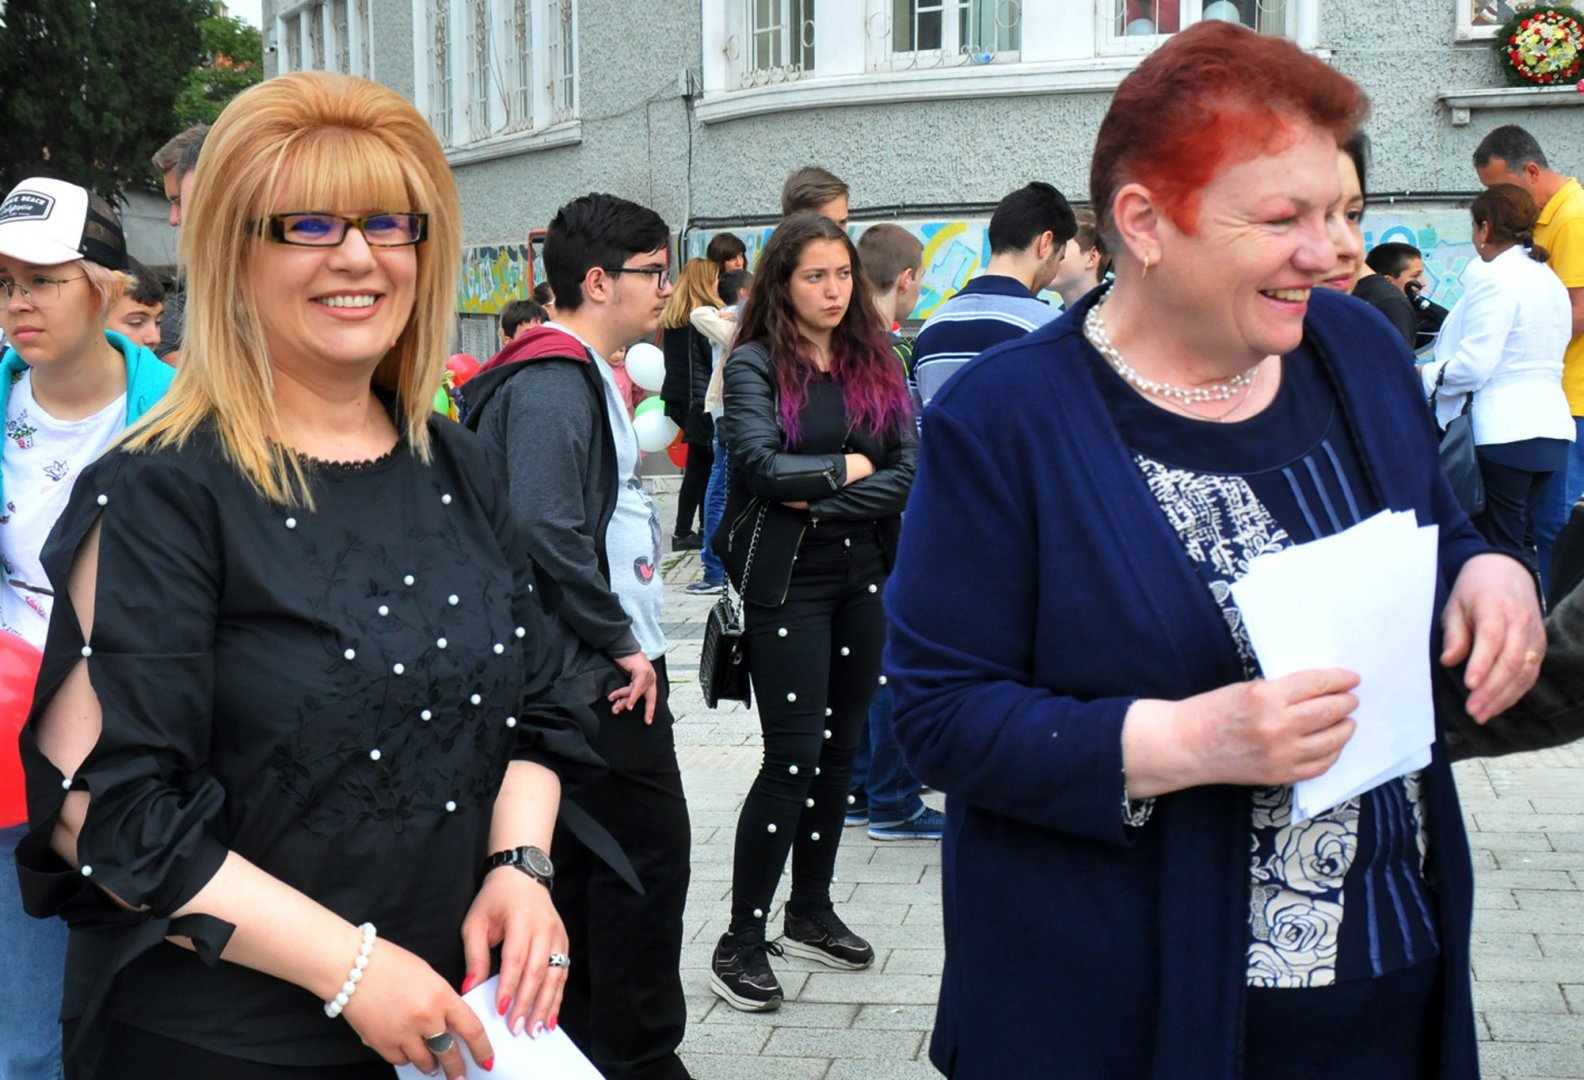 Директорът на гимназията Снежана Няголова и заместничката й - Милена Гергицова аплодираха танцуващите. Снимки Лина Главинова